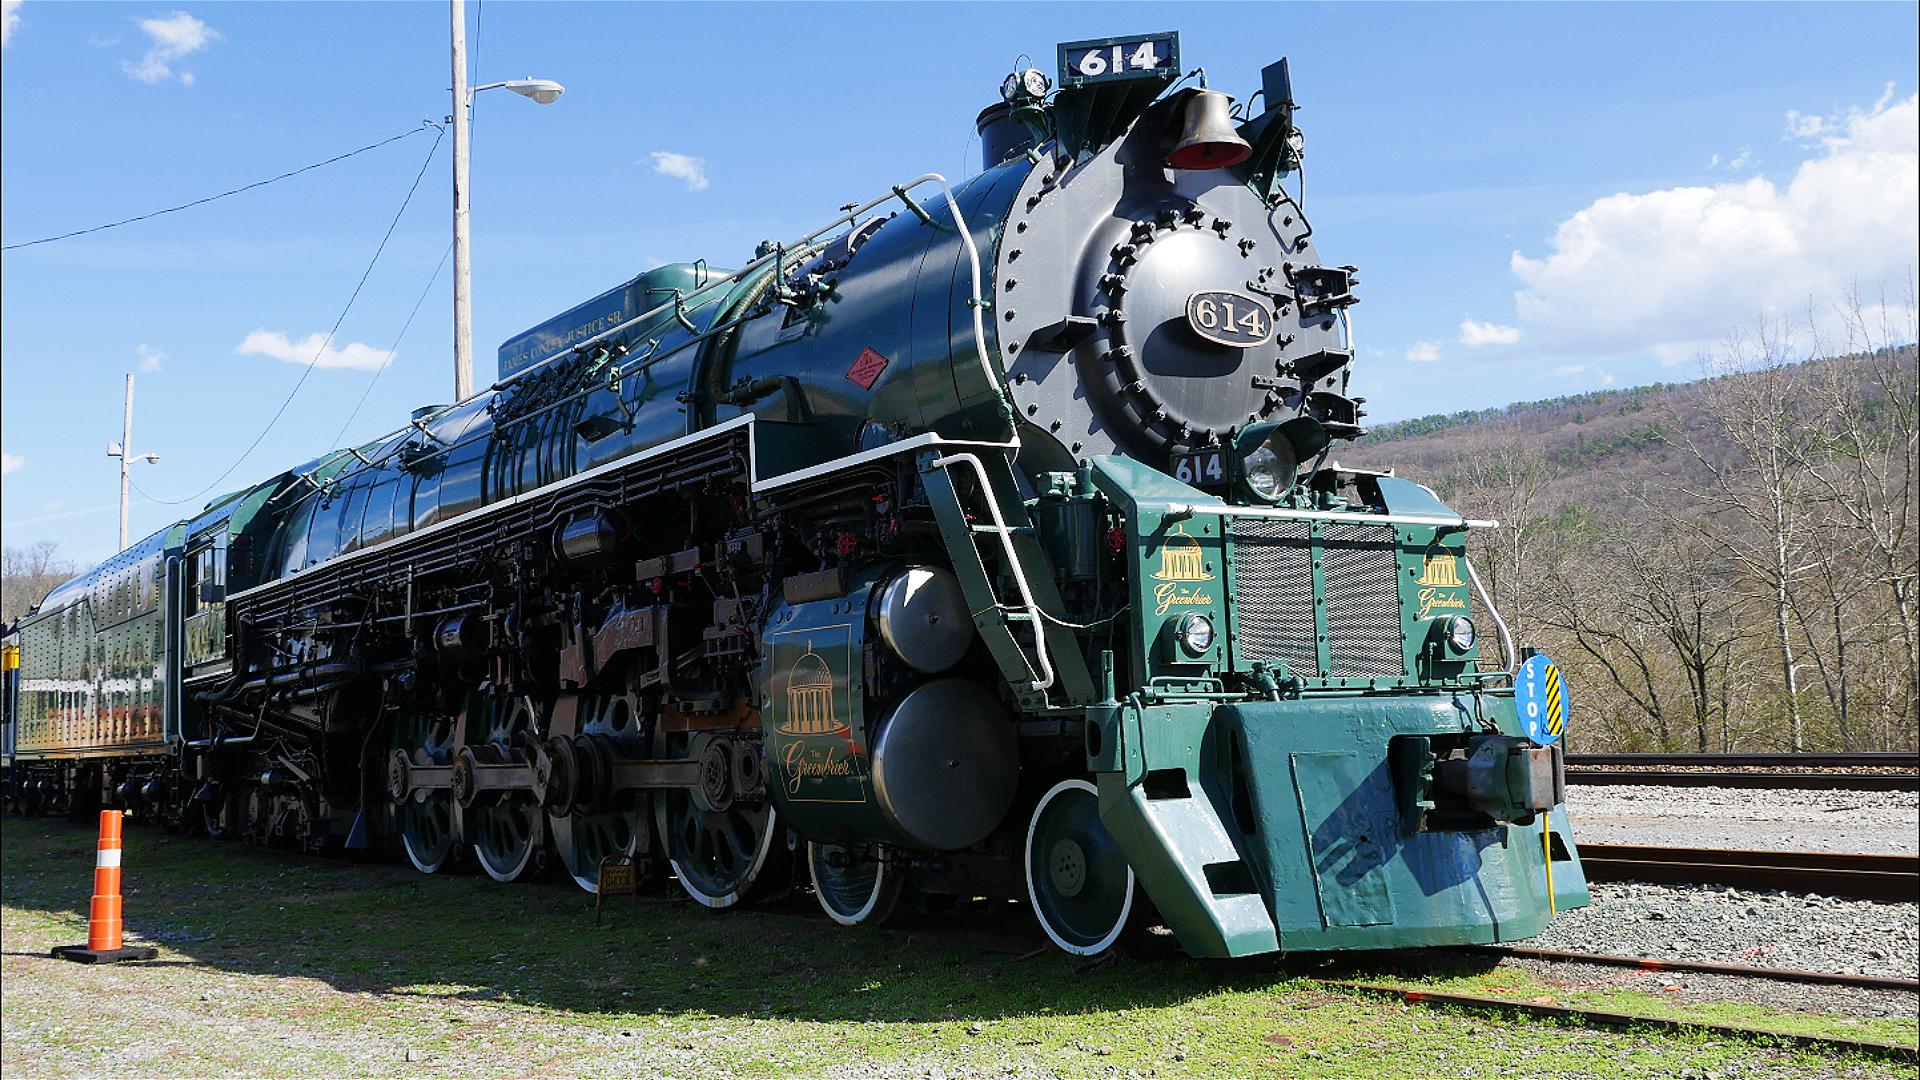 steam train videos - HD1920×1080